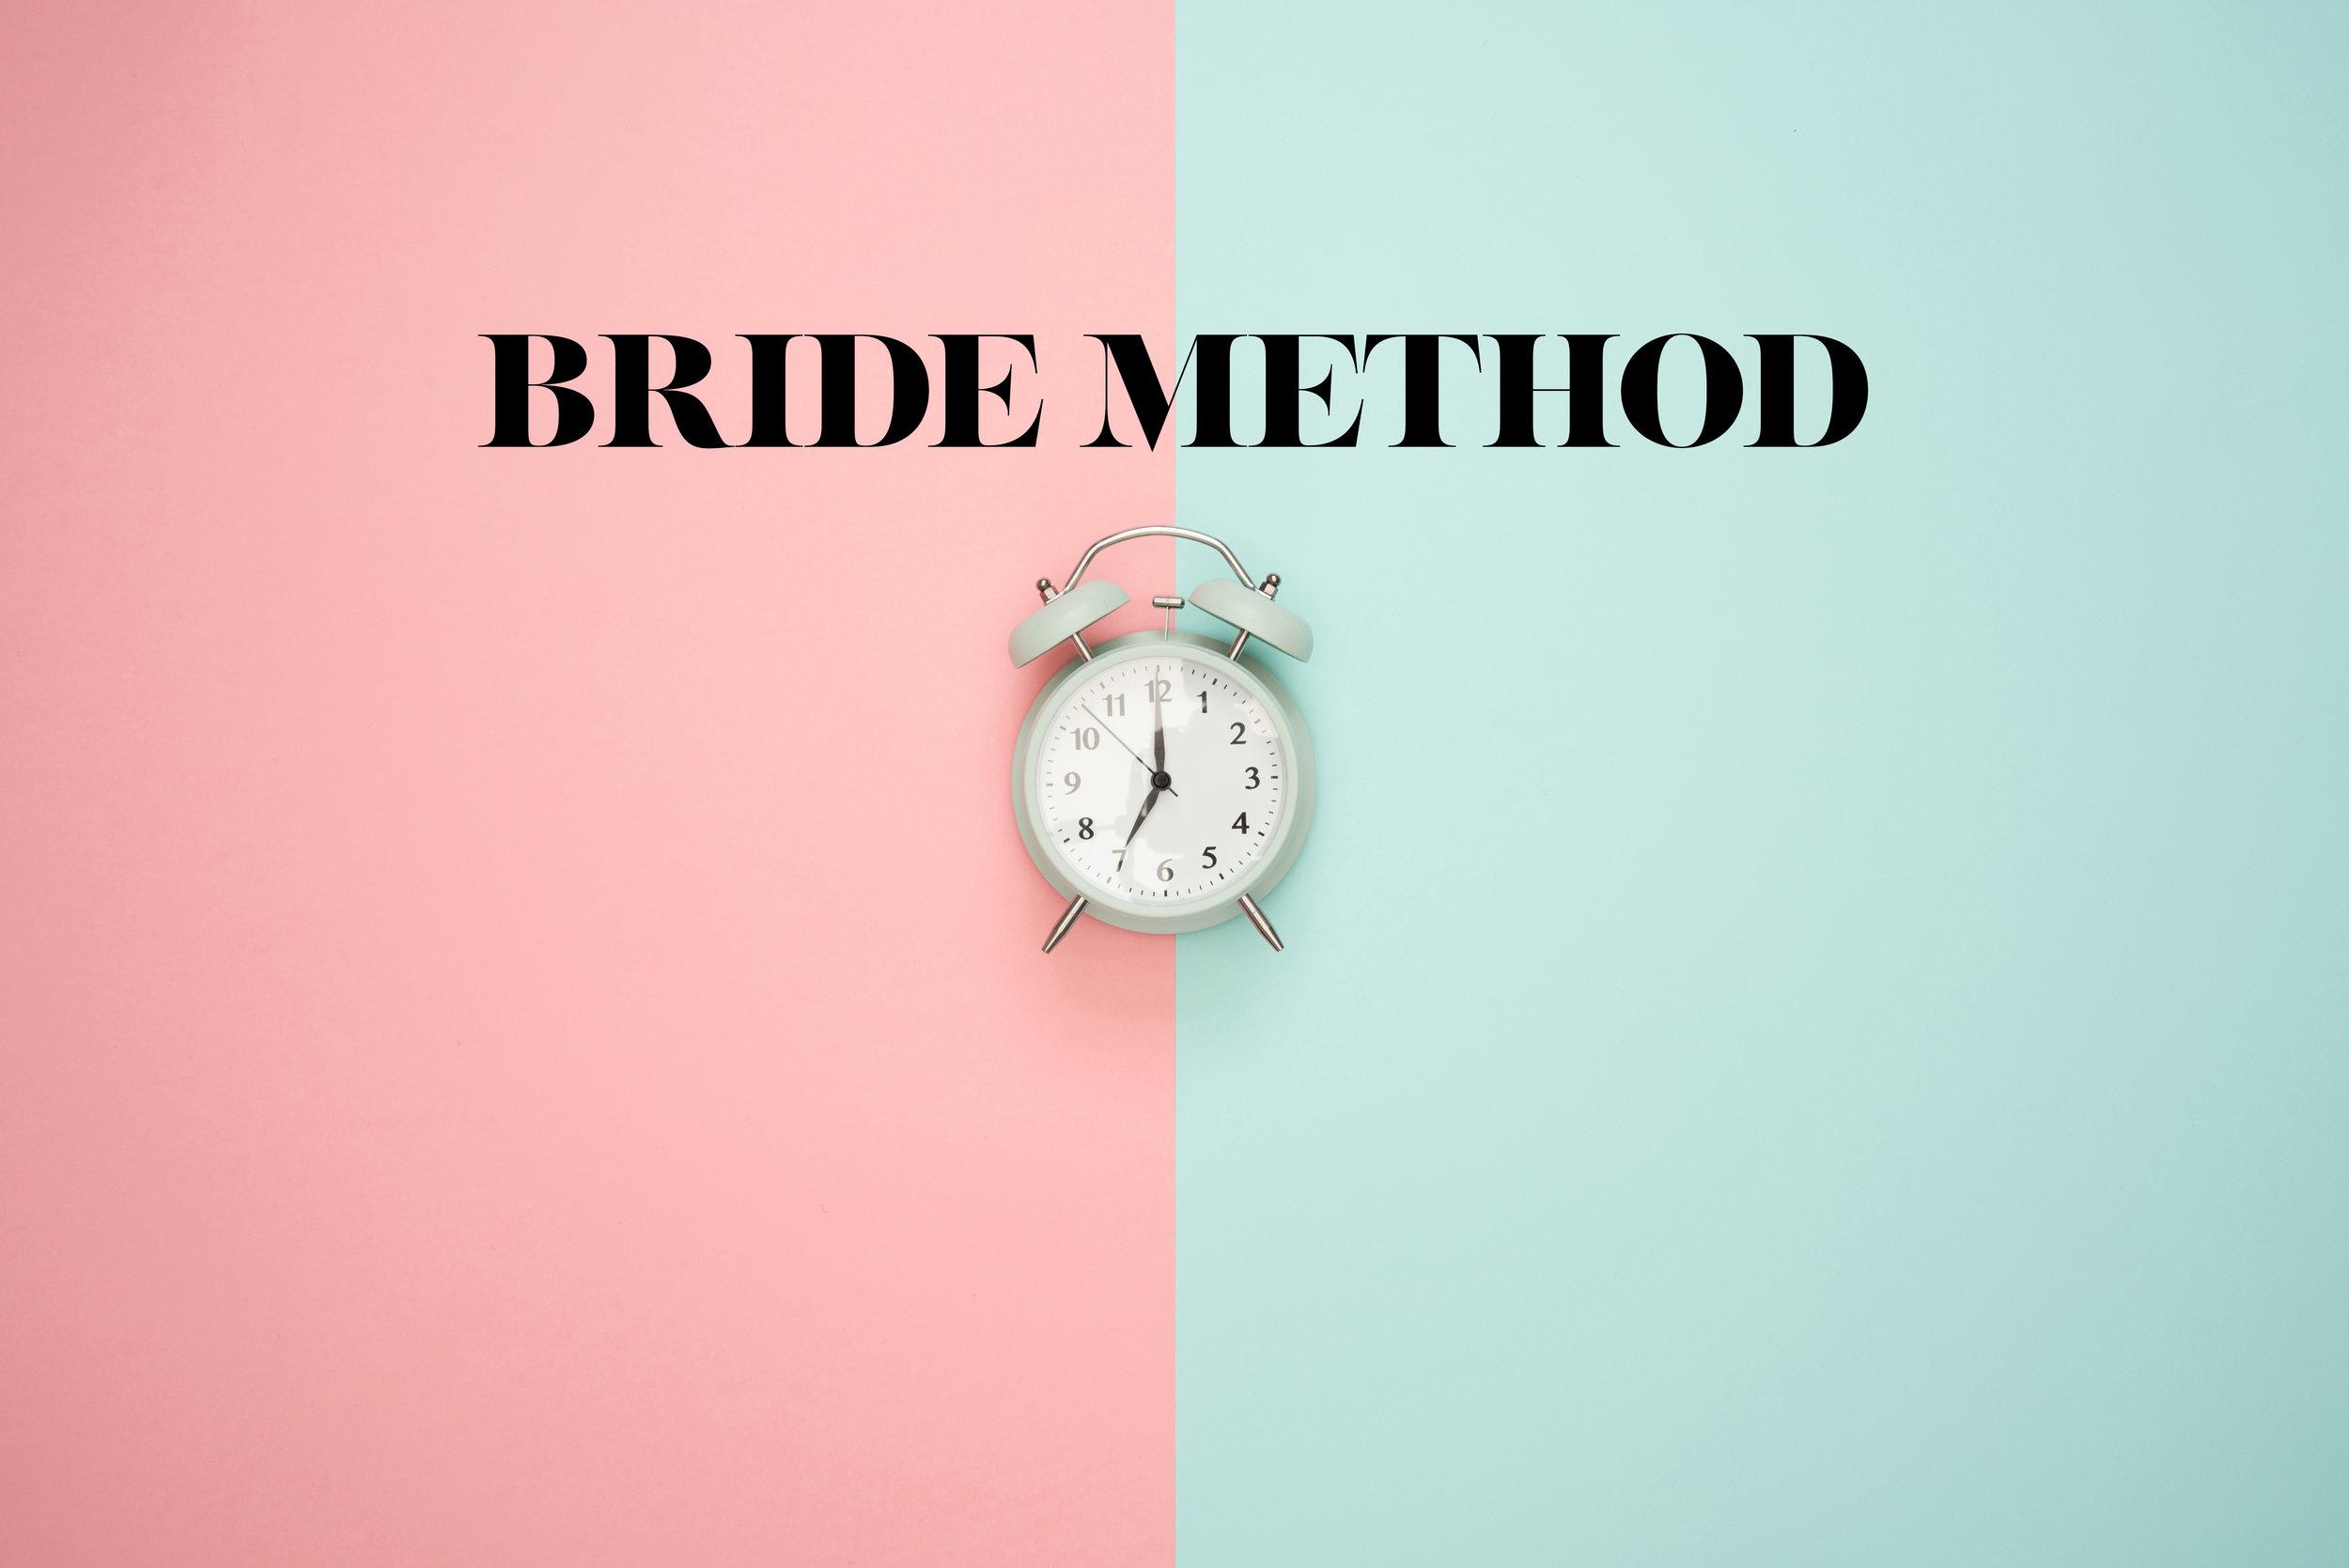 bridemethod.jpg